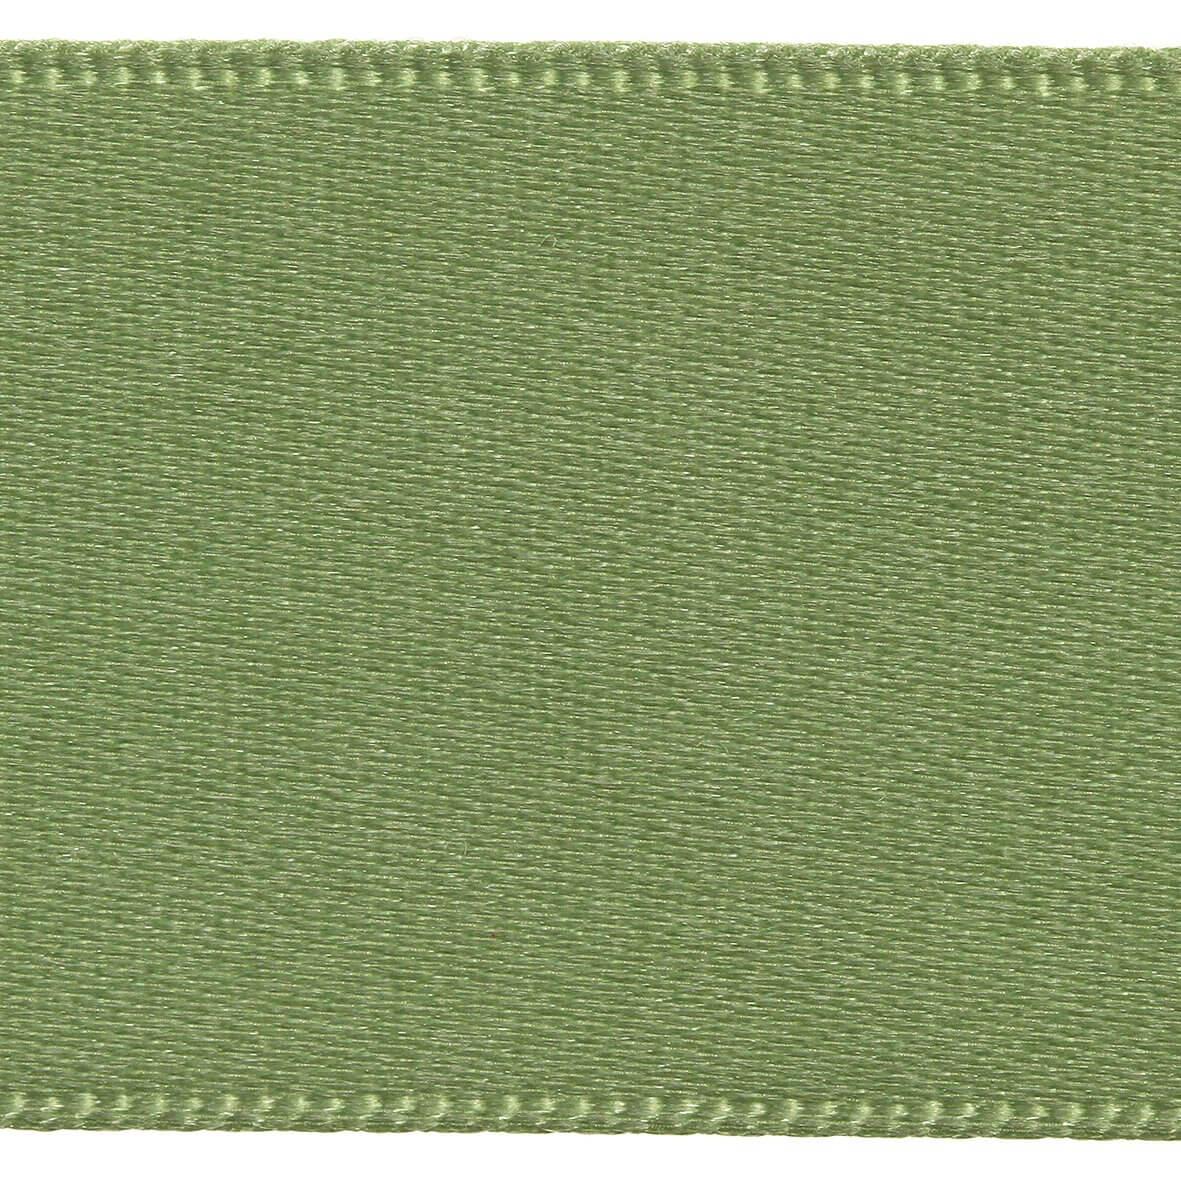 10mm Berisfords Satin Ribbon - Khaki Colour 80